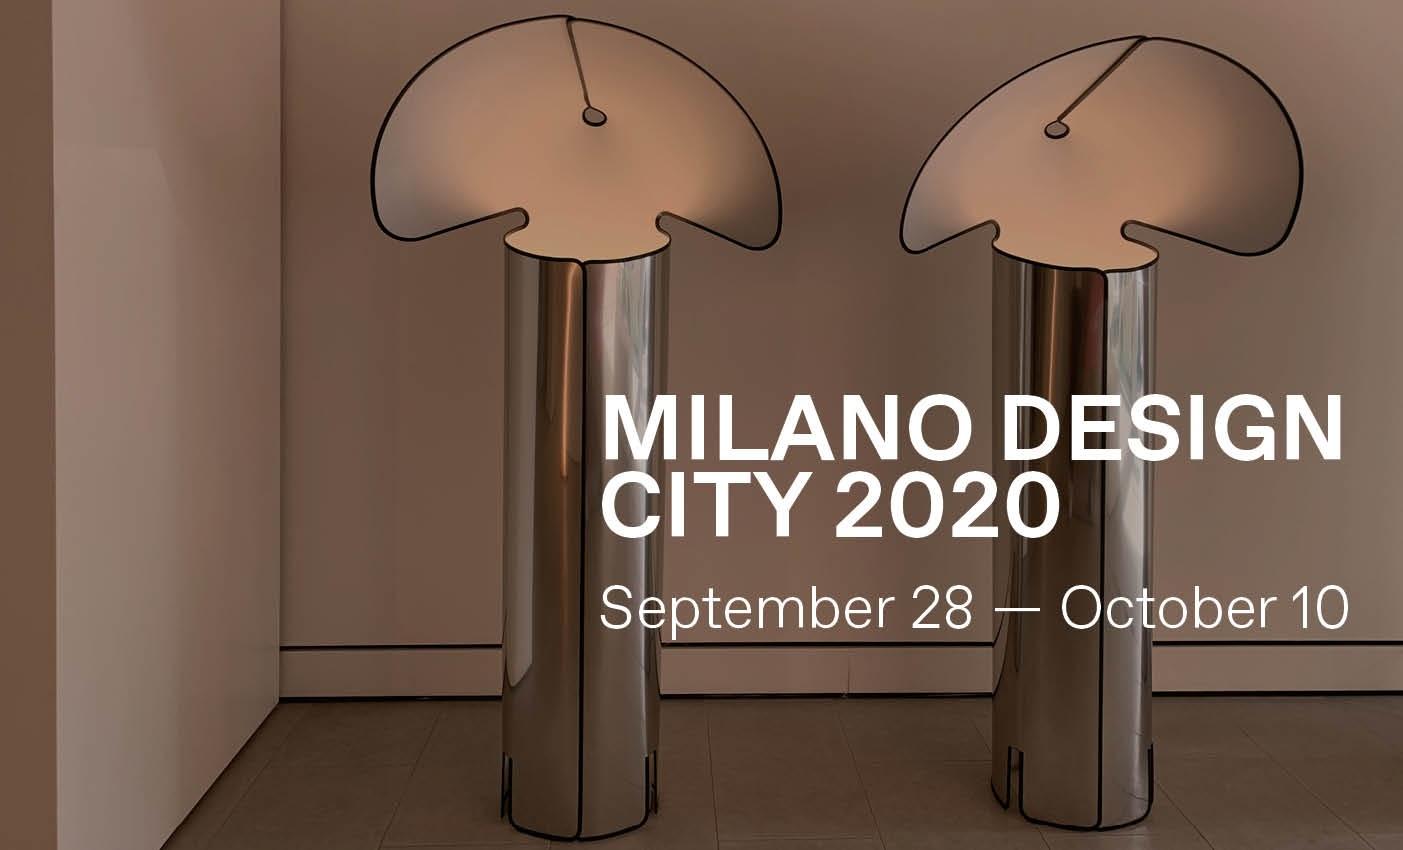 milan design city 2020